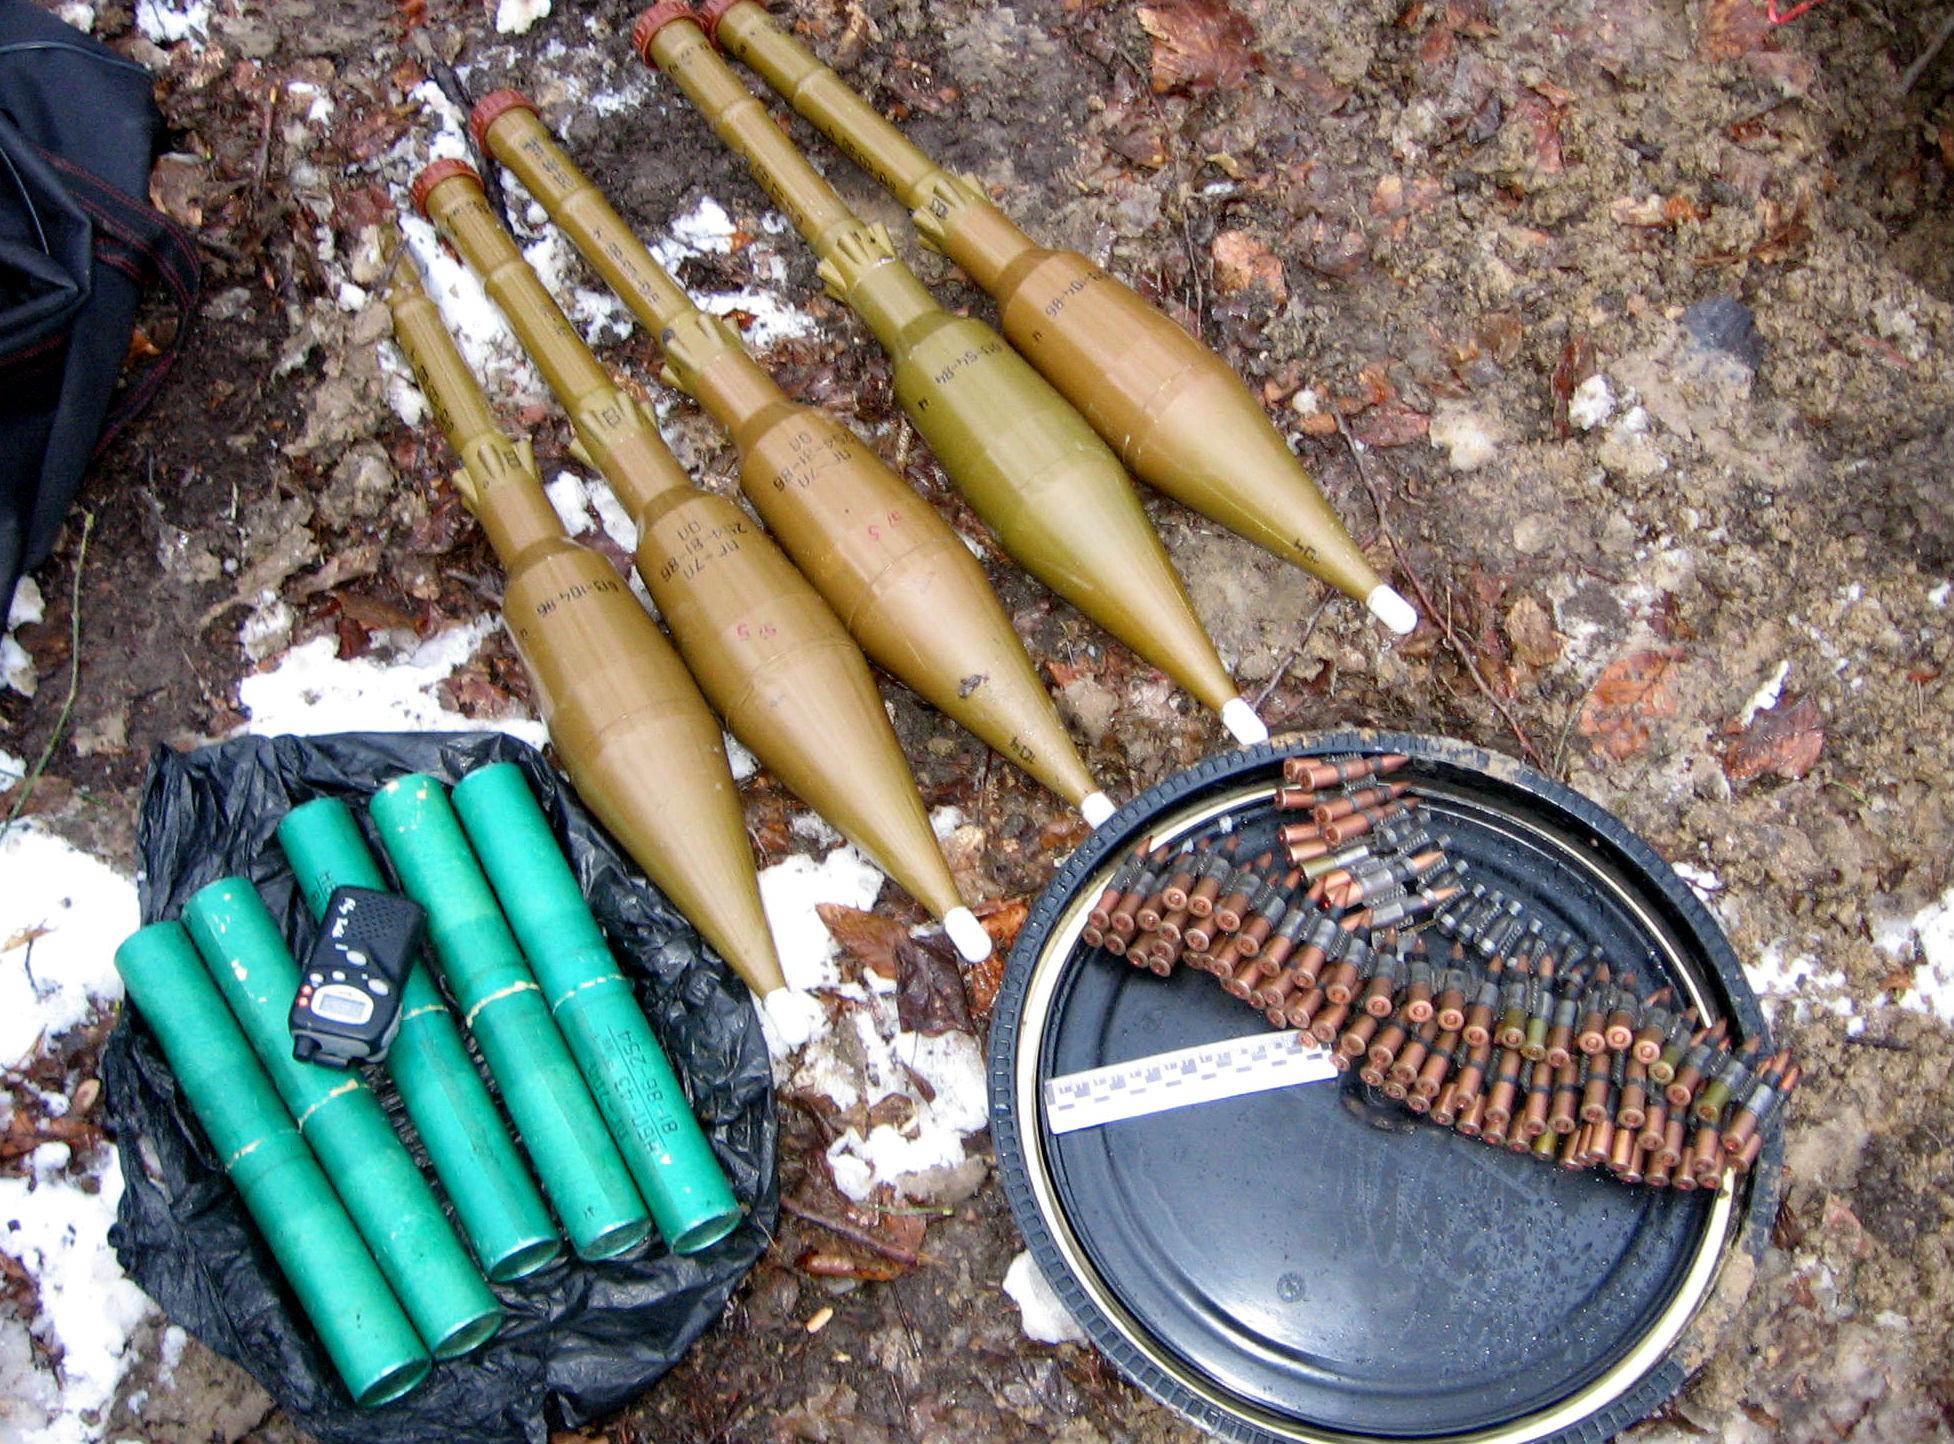 НАК: В Нальчике обнаружен крупный тайник с боеприпасами